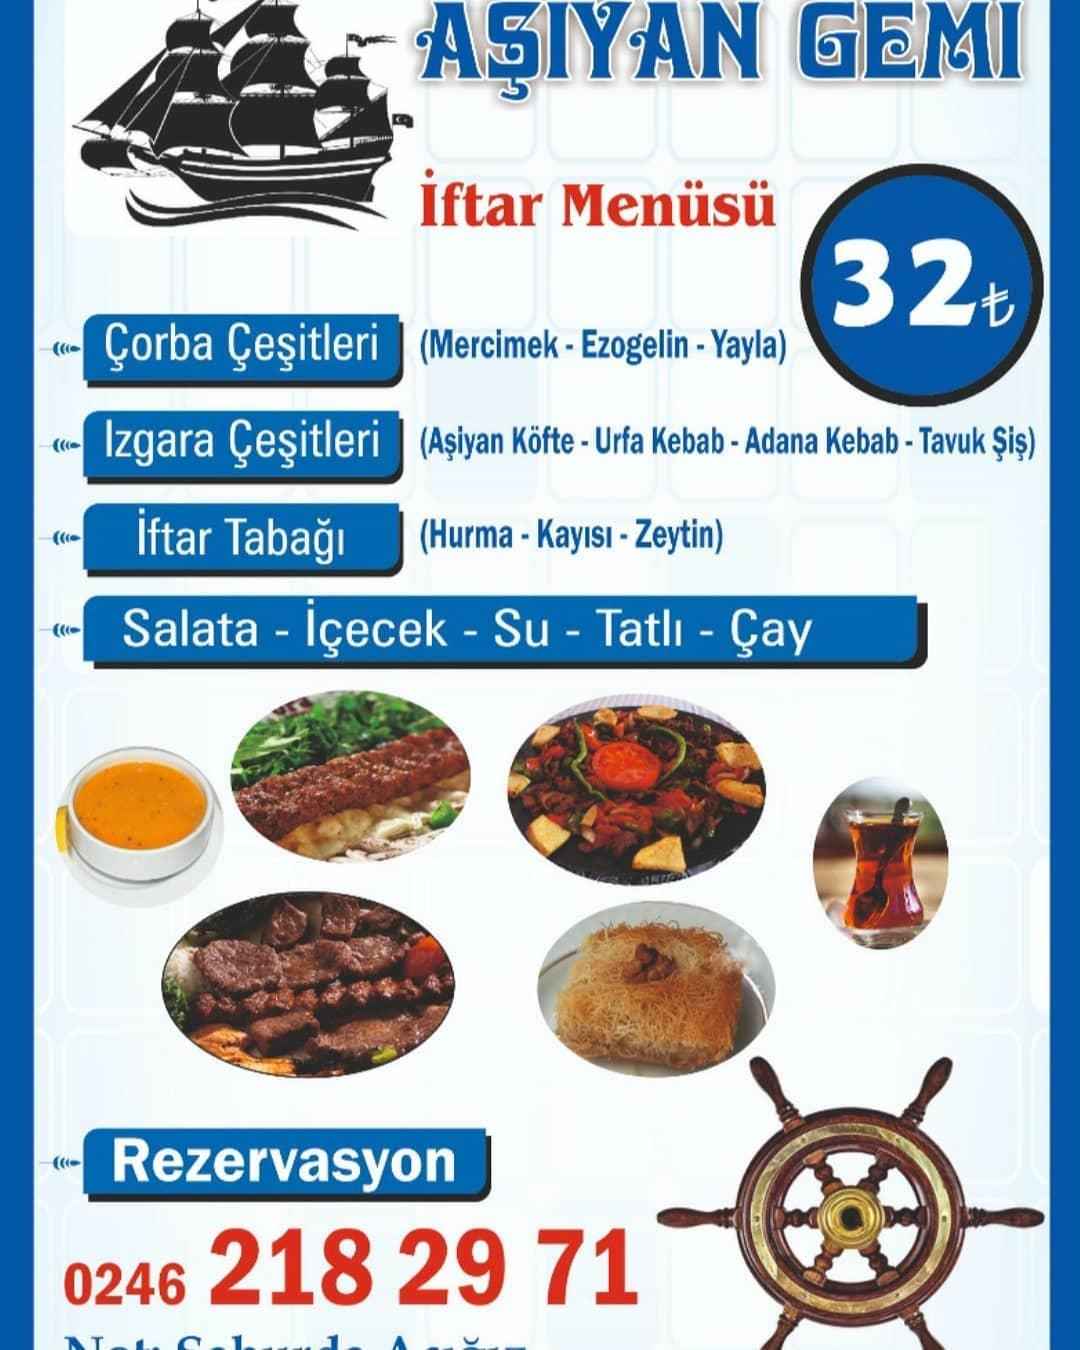 ısparta iftar restaurant ısparta iftar menüleri 2019  ısparta iftar yerleri ısparta iftar mekanları